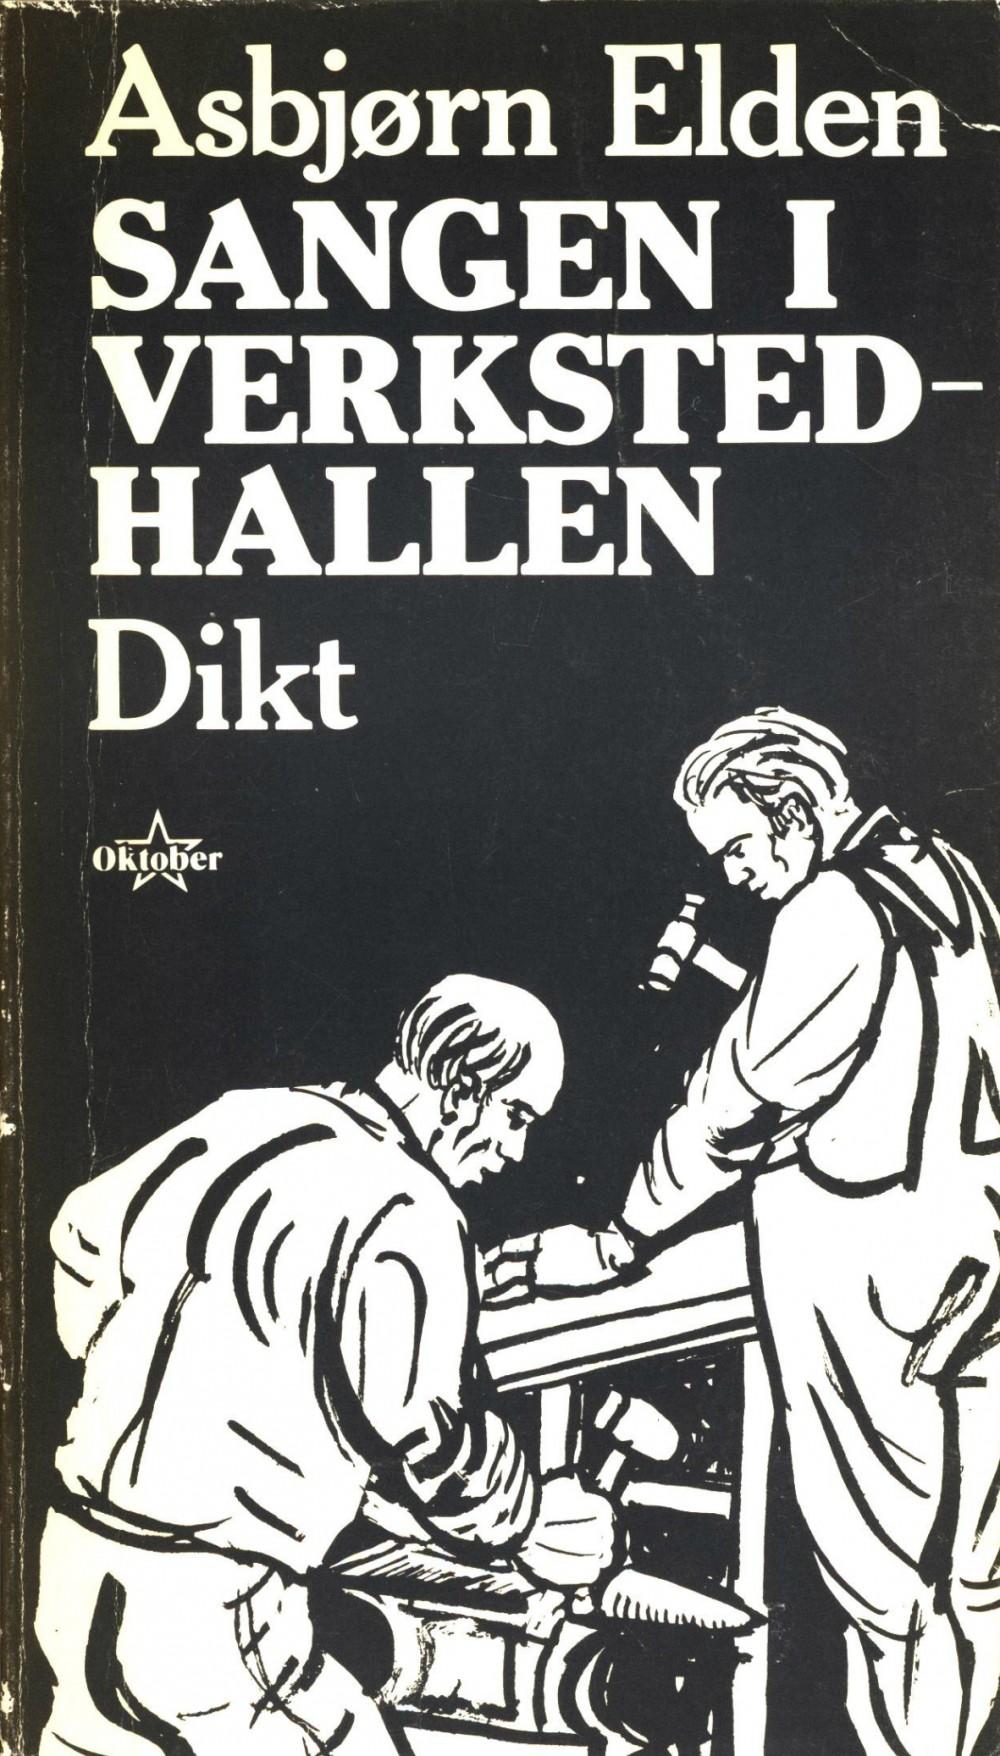 Asbjørn Elden: Sangen i verkstedhallen - Dikt